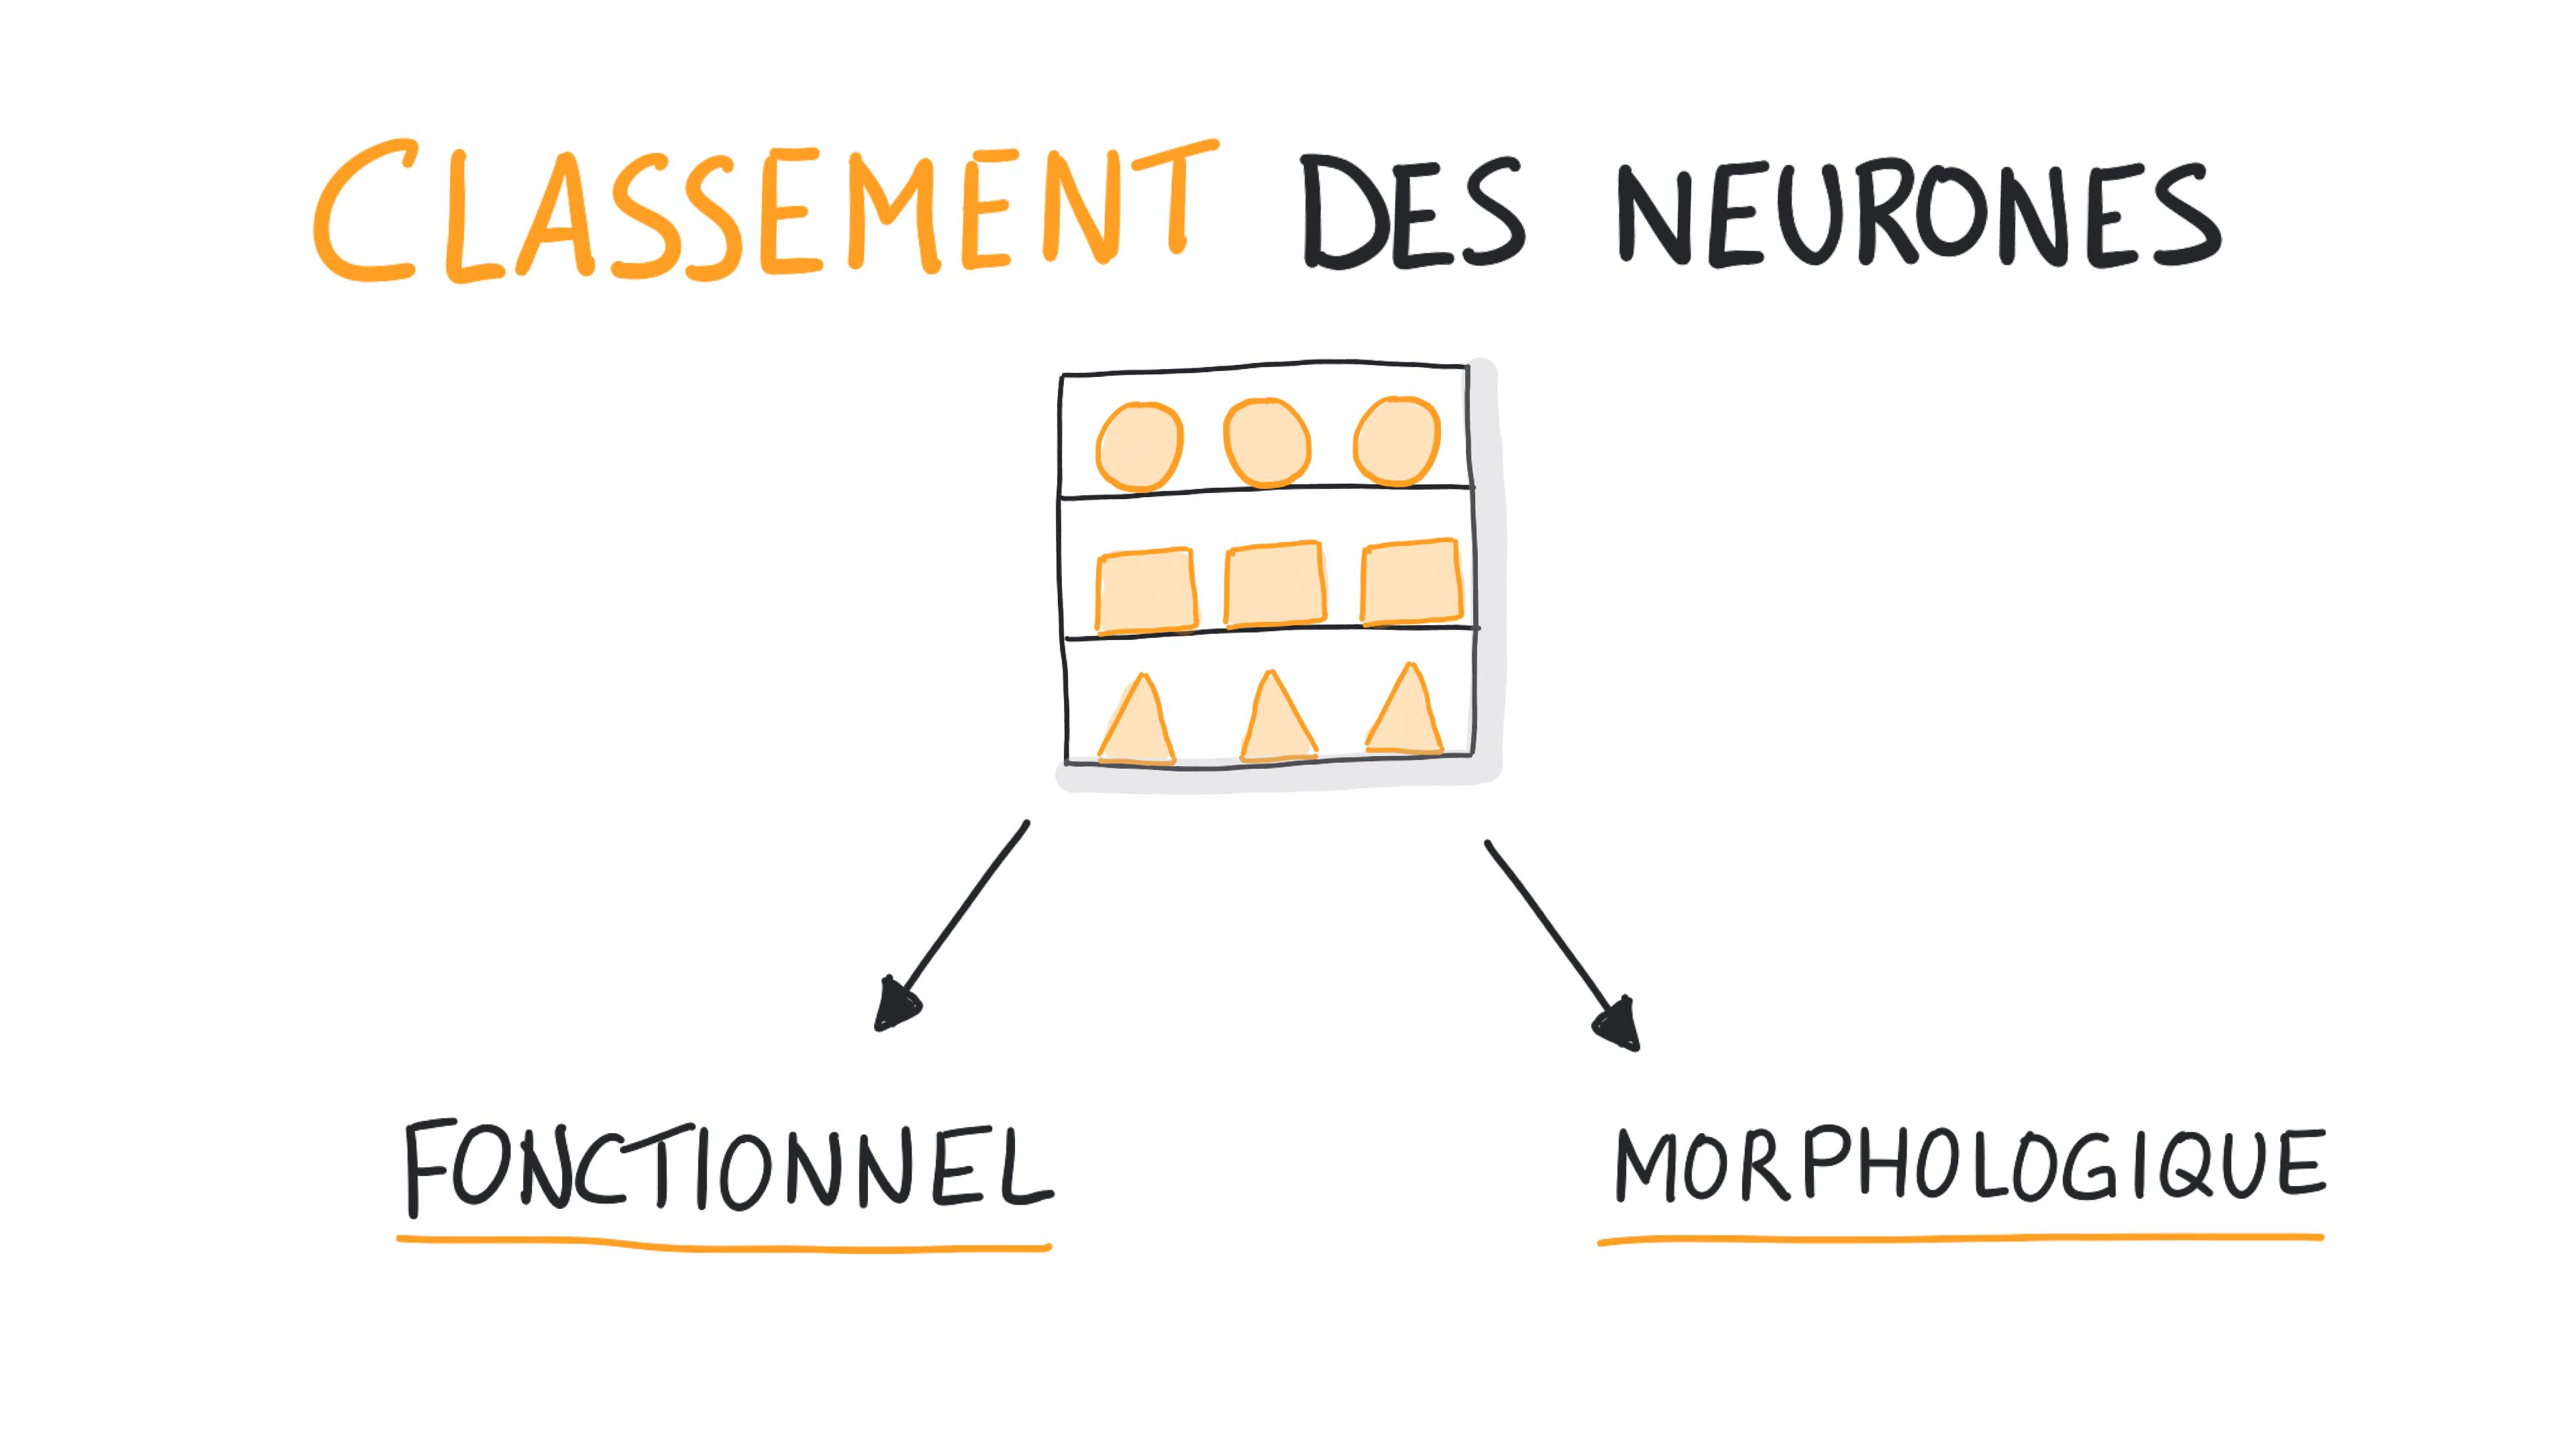 Classement des neurones